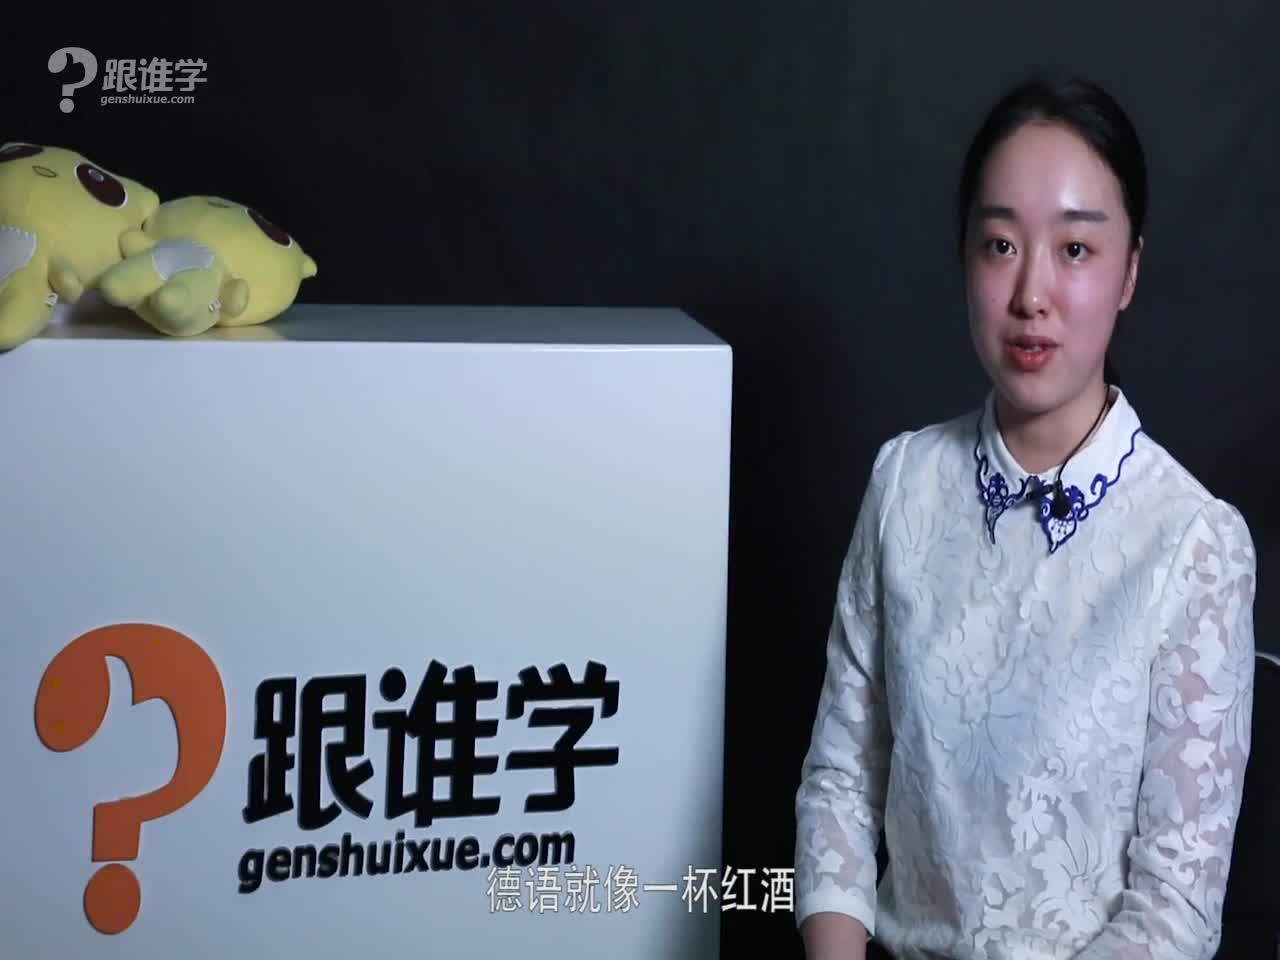 番西教育 李青 视频